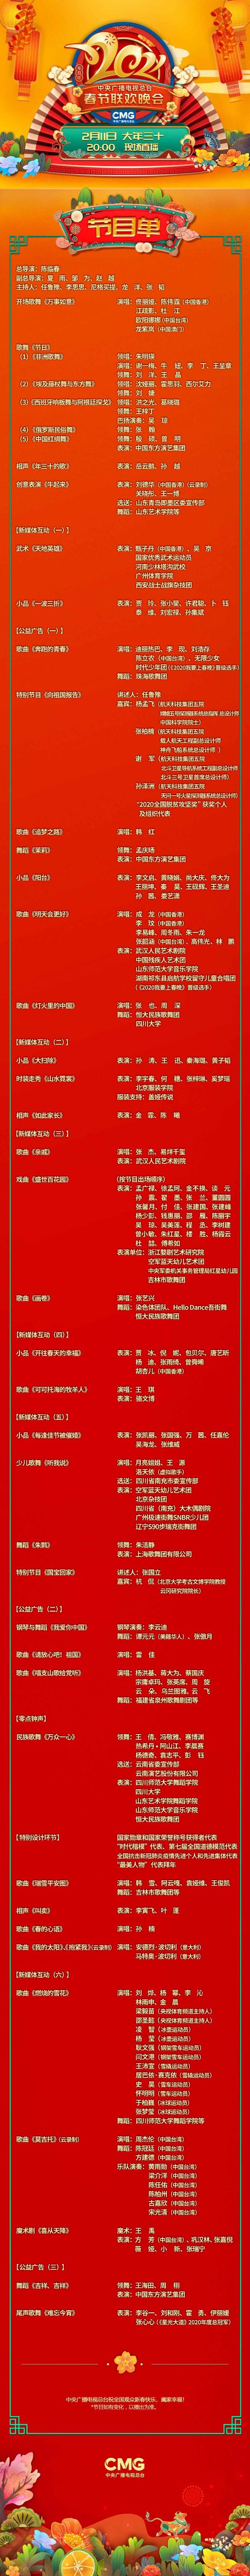 EA2501DD3E9BD1BEE68442098CEB2AEEF0C45DC1_size930_w1080_h11146.jpg